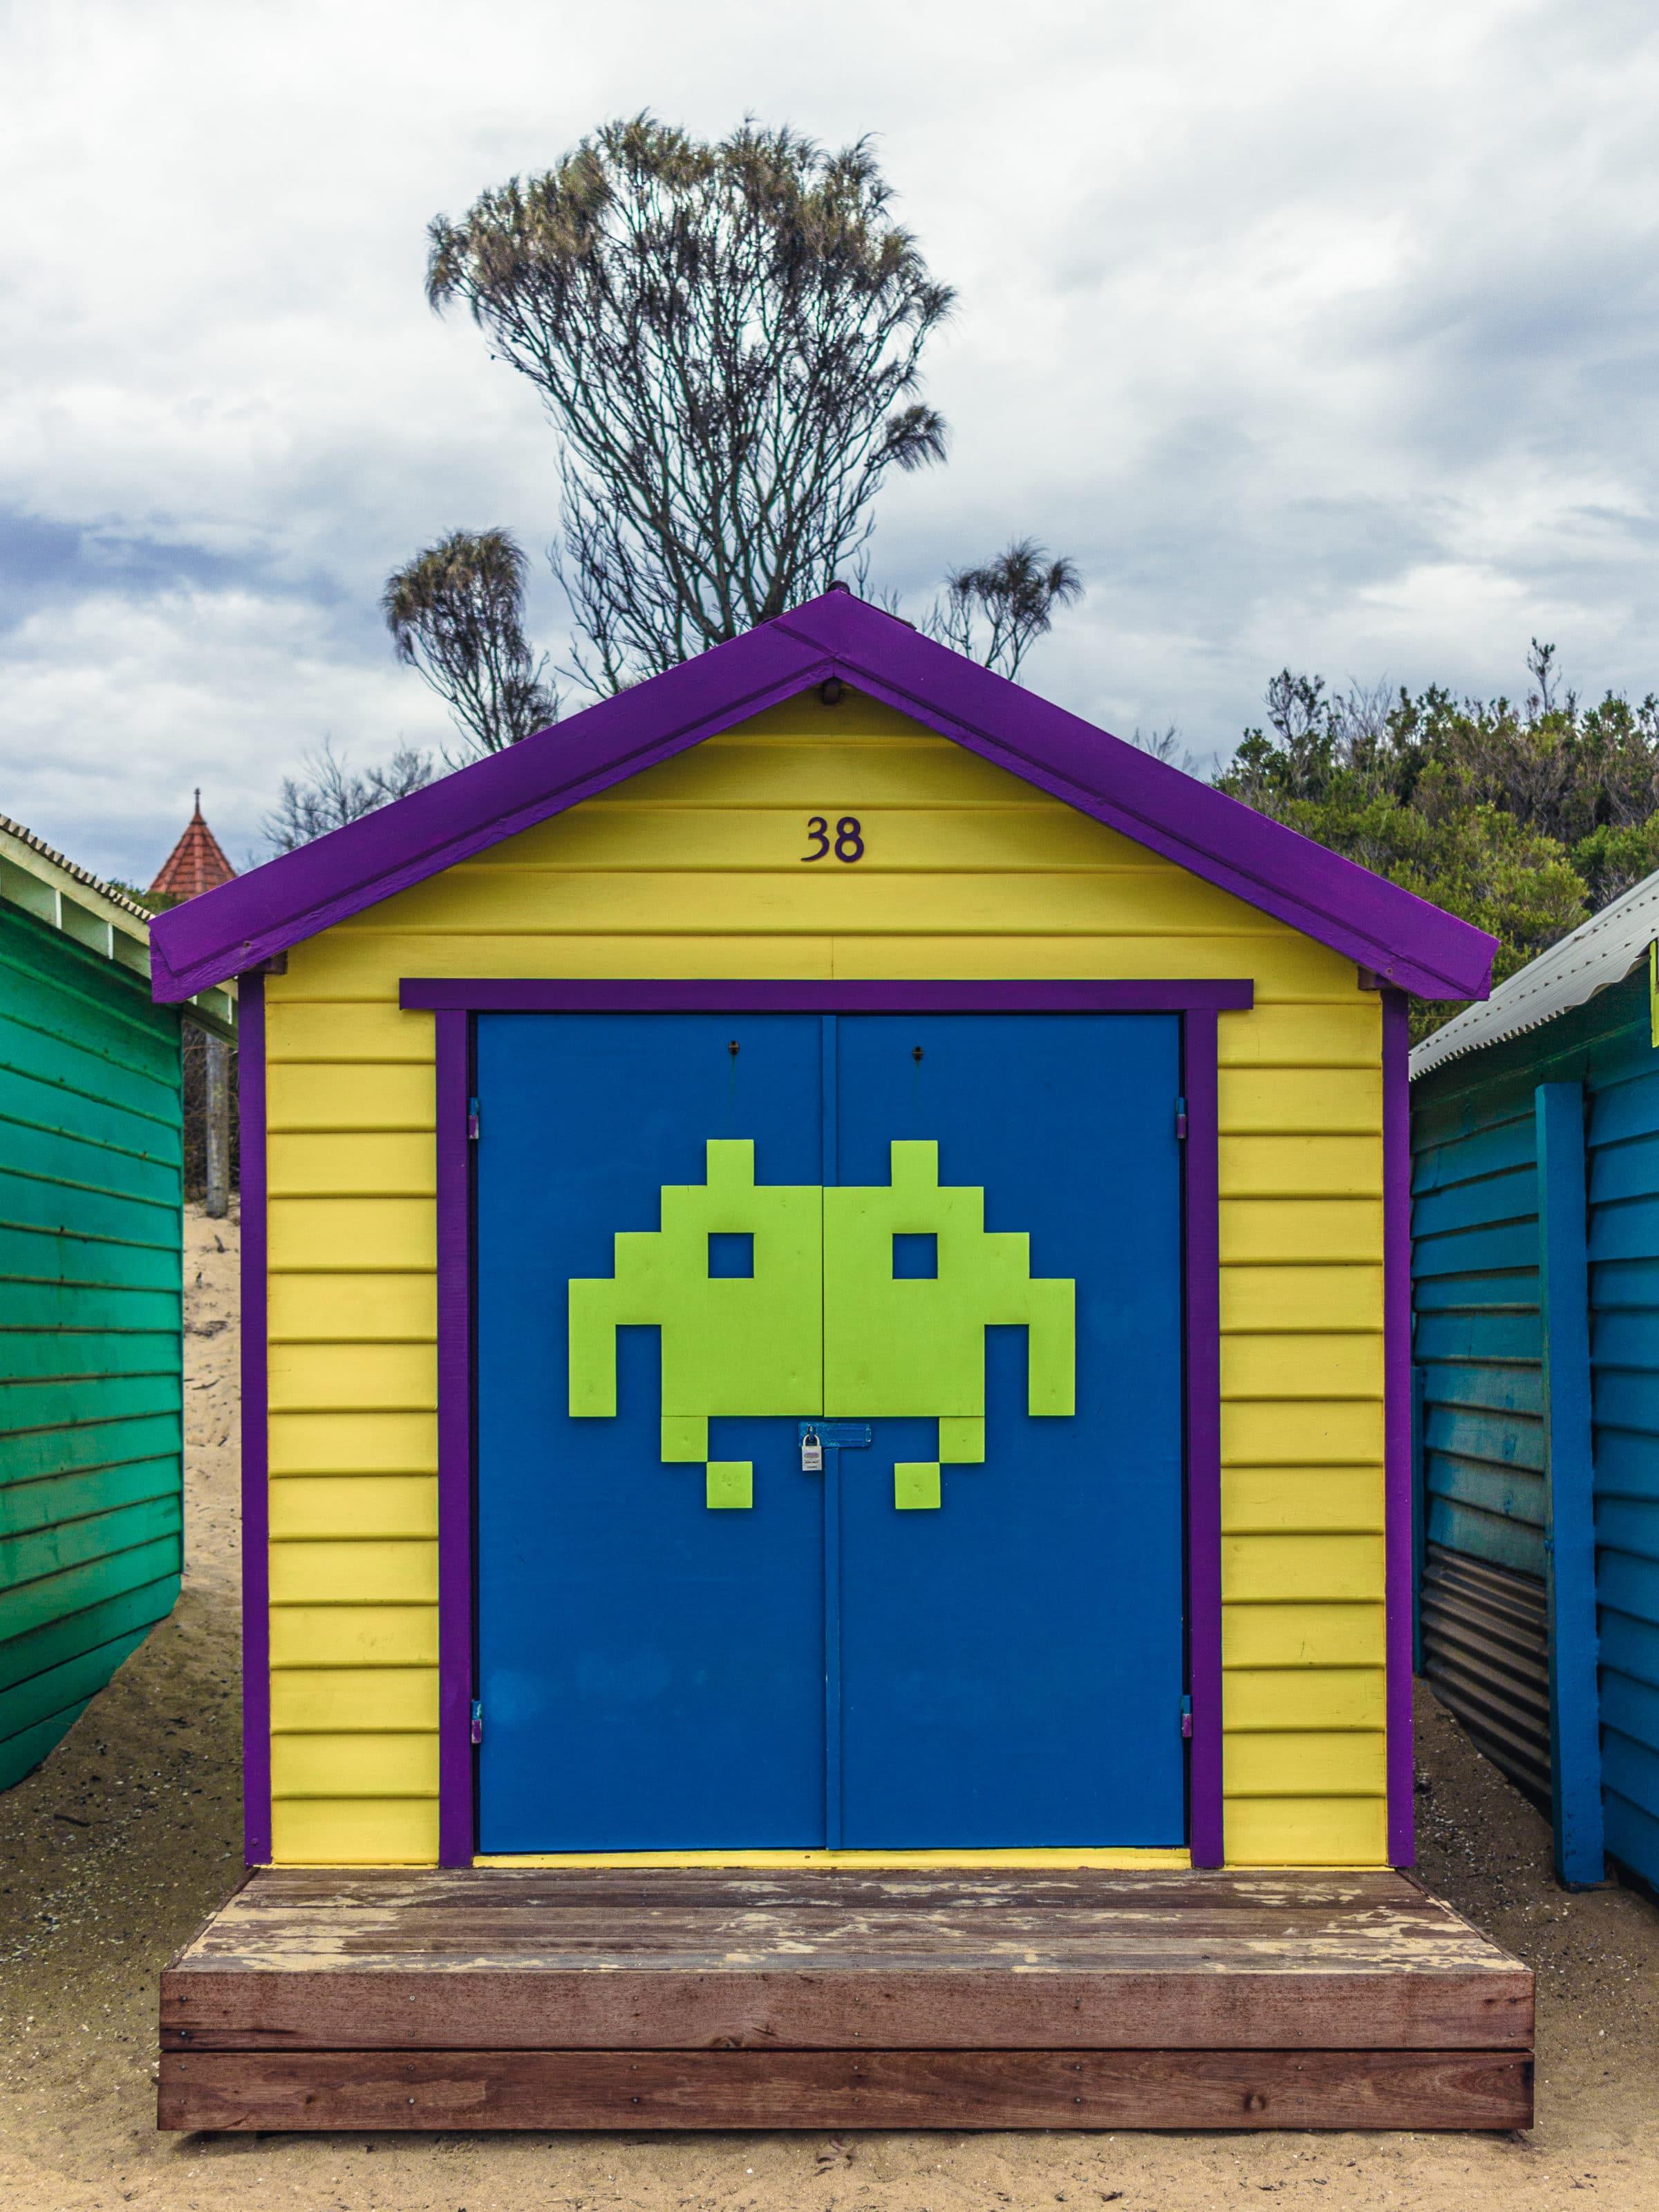 Лодочная станция номер 38 в Мельбурне, Австралия